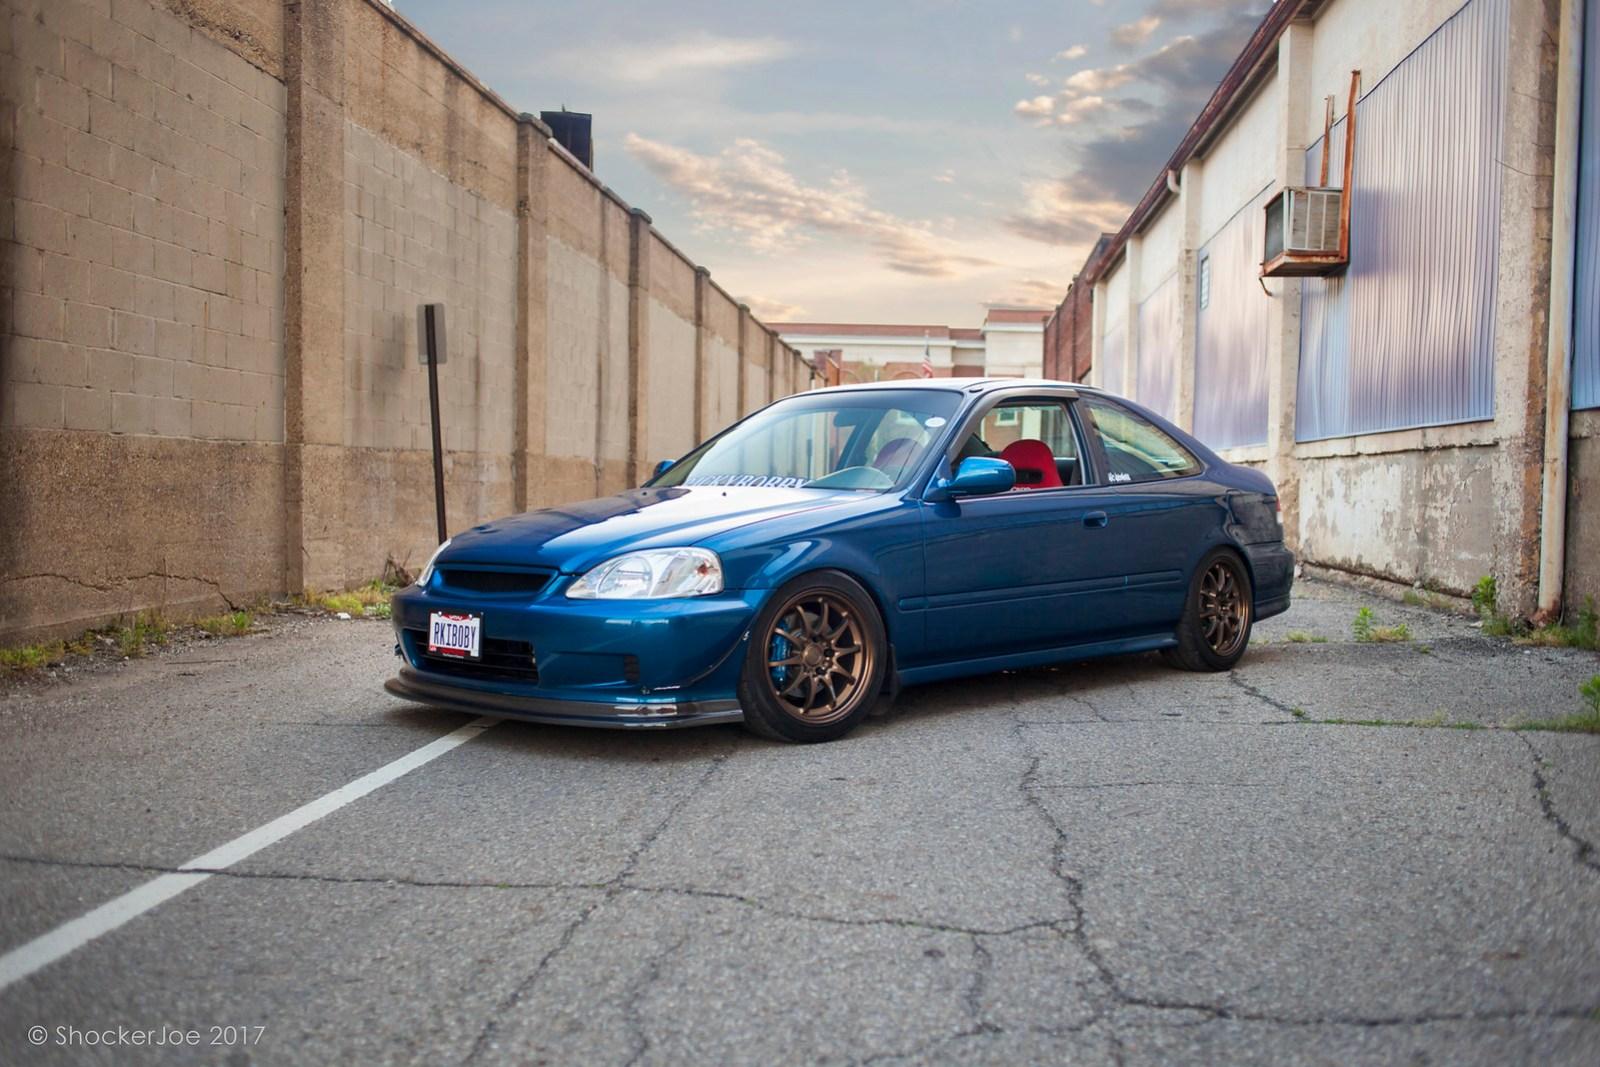 Ricky's Car with Zack